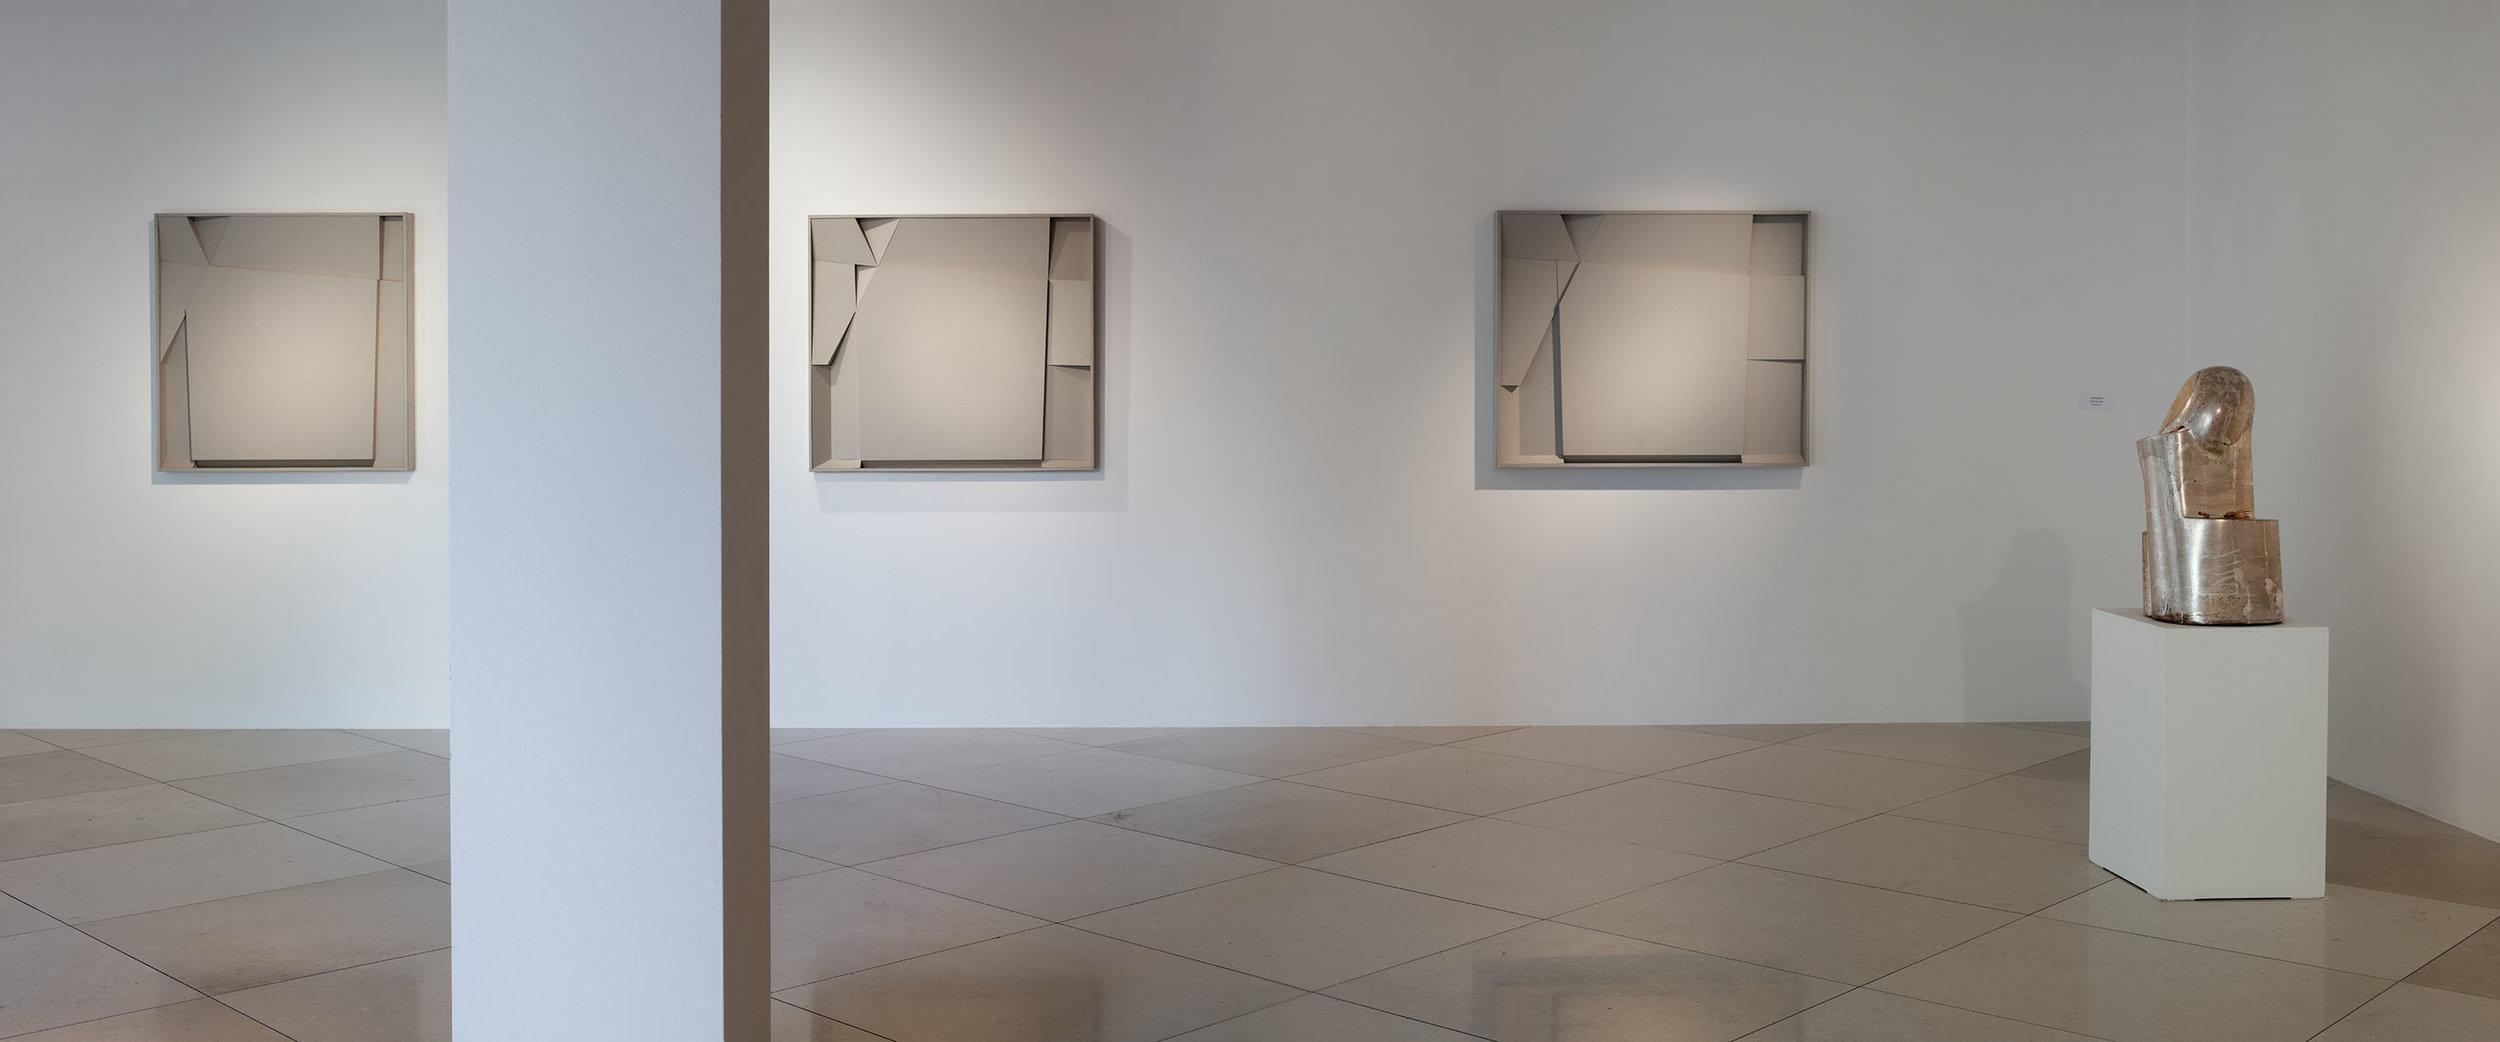 Quadratgebiet I/V, II/V, III/V, 2013, Holz, Karton / Kopf II, 1998, Holz, Blattsilber